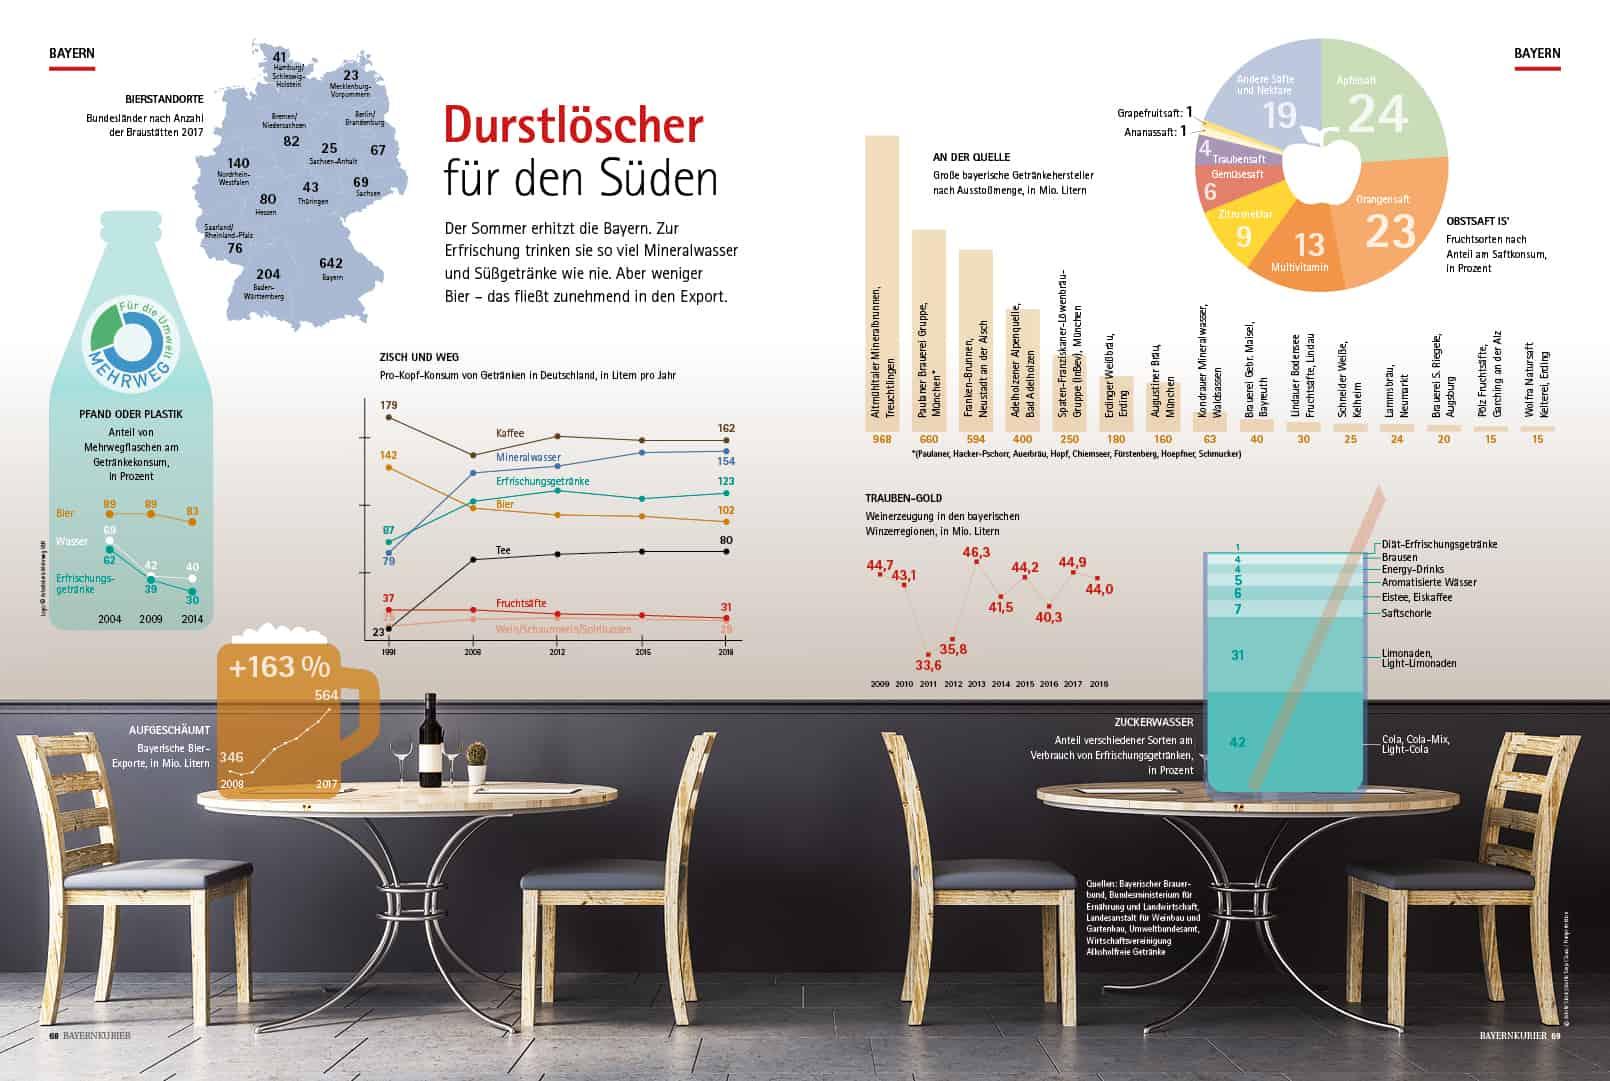 Bayernkurier – Infografik